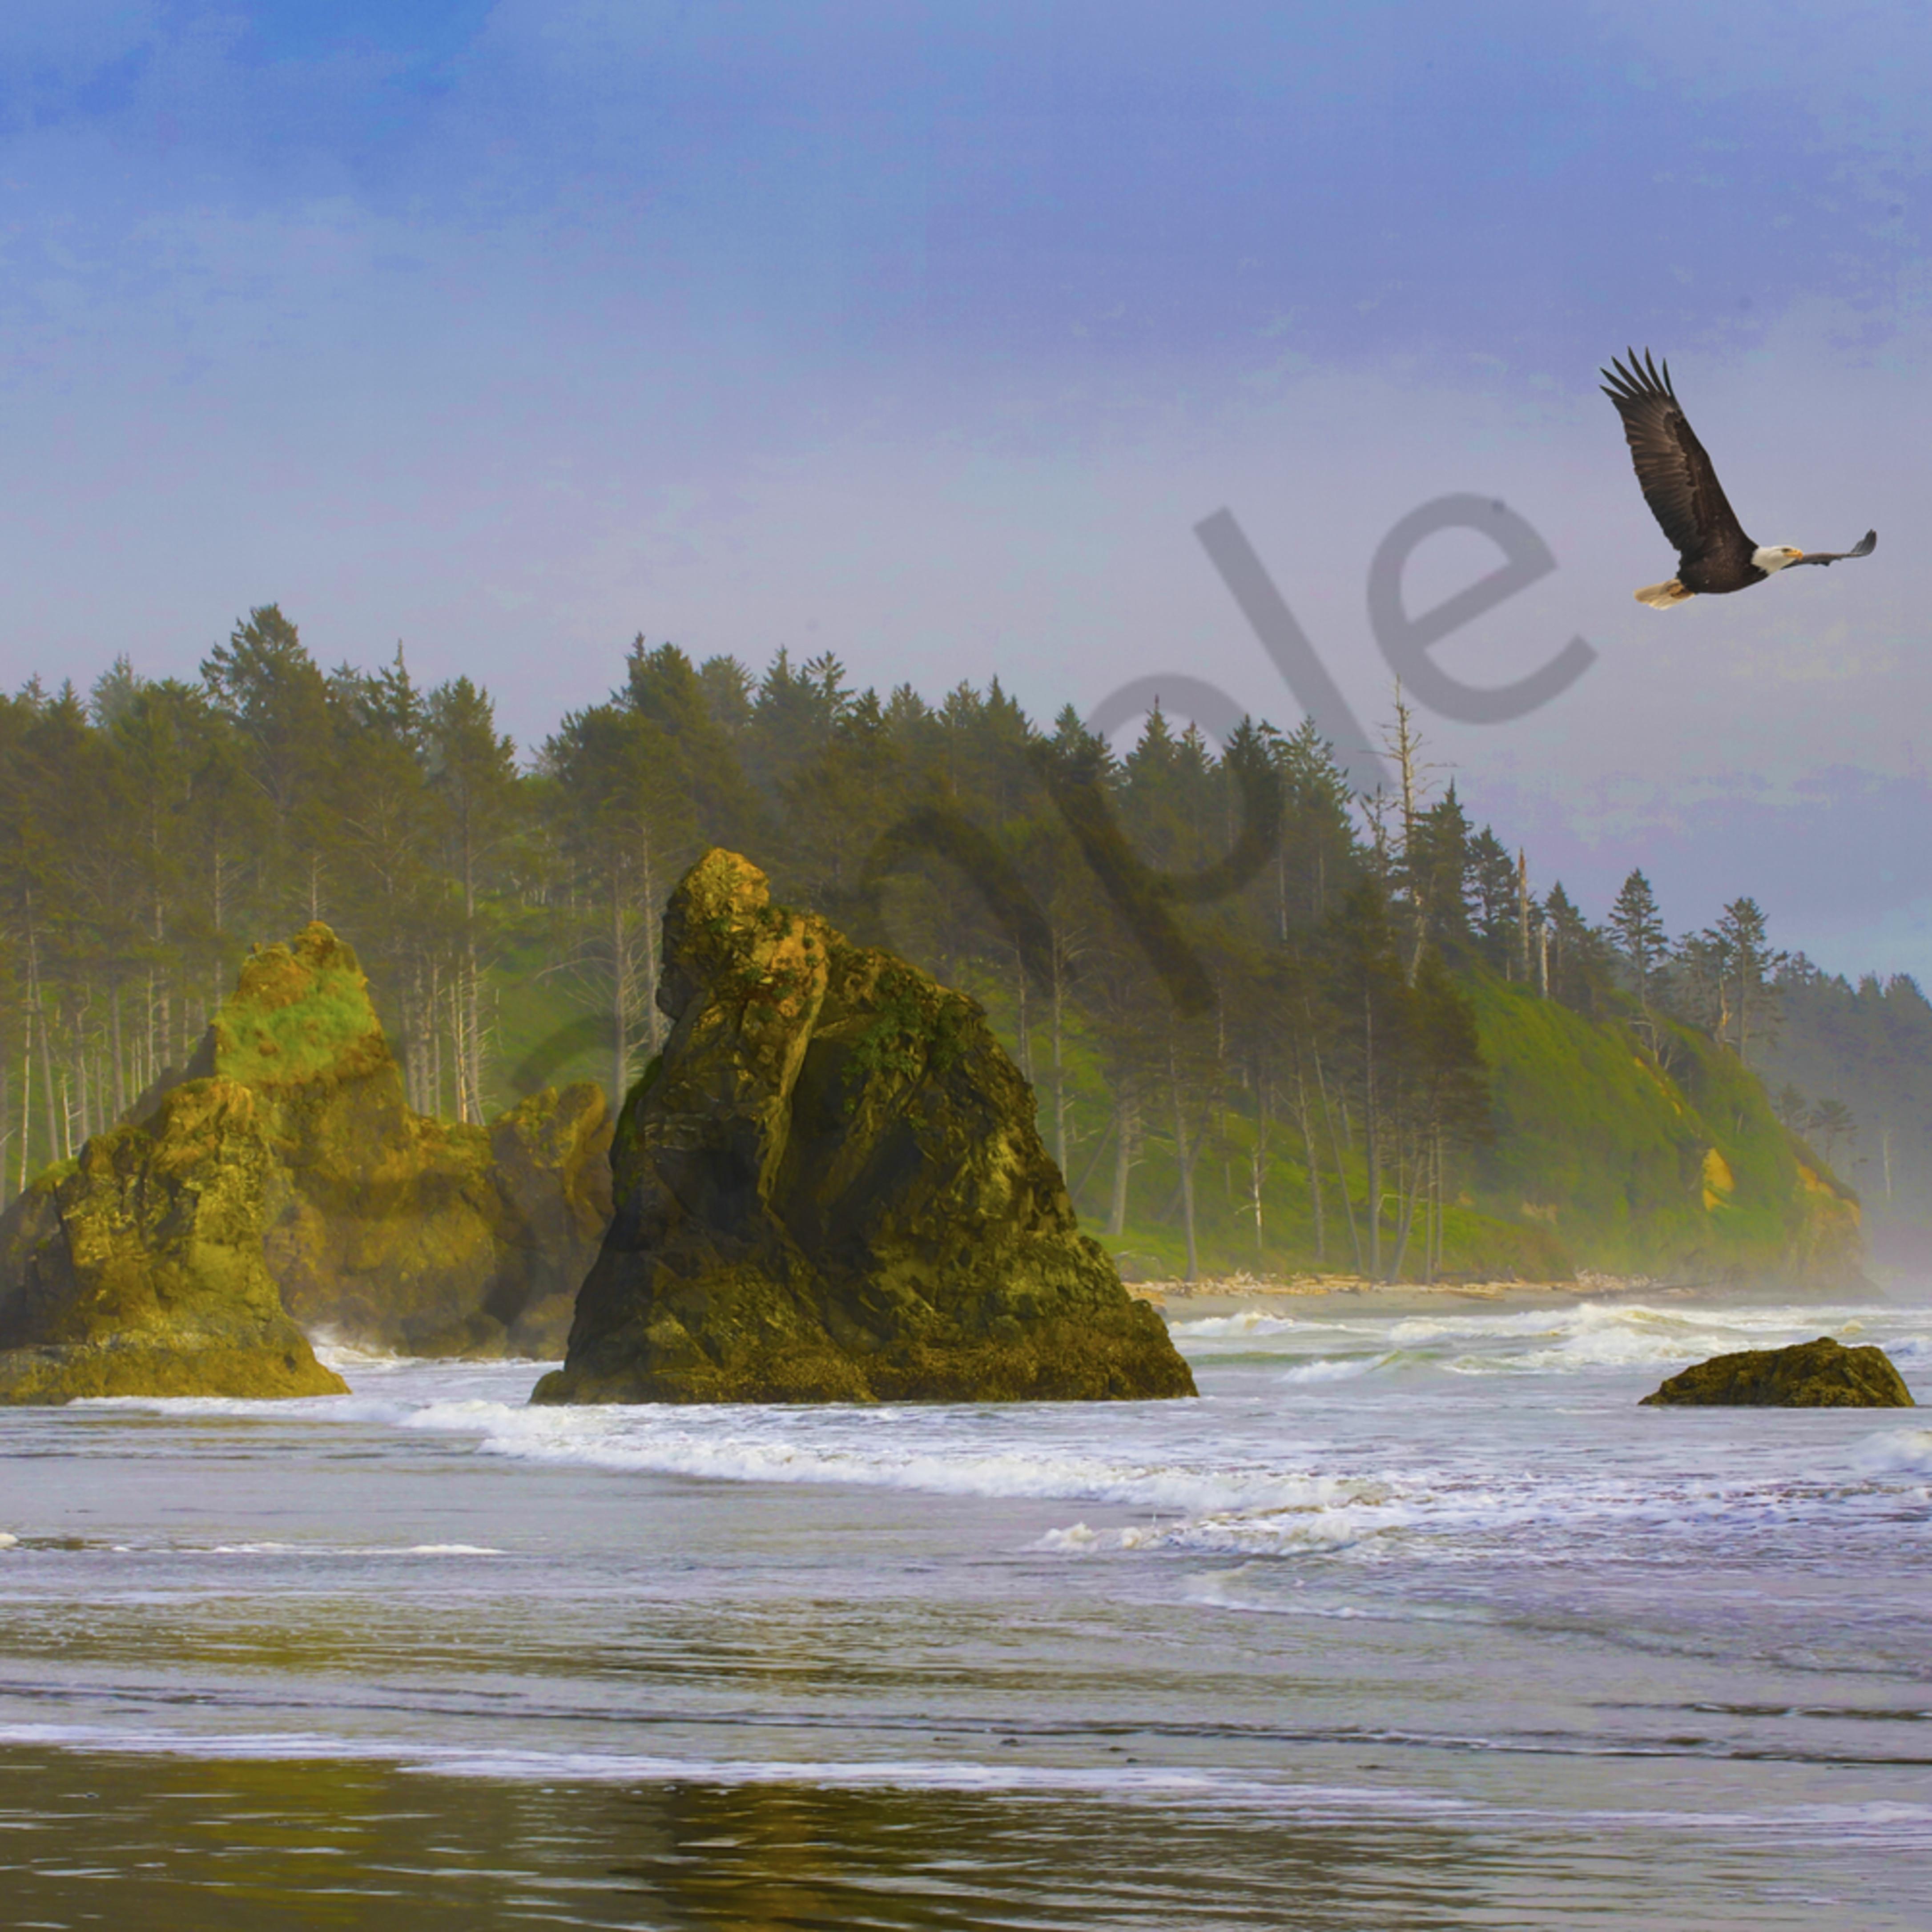 Pnw ruby beach eagle 1 lqgn6q